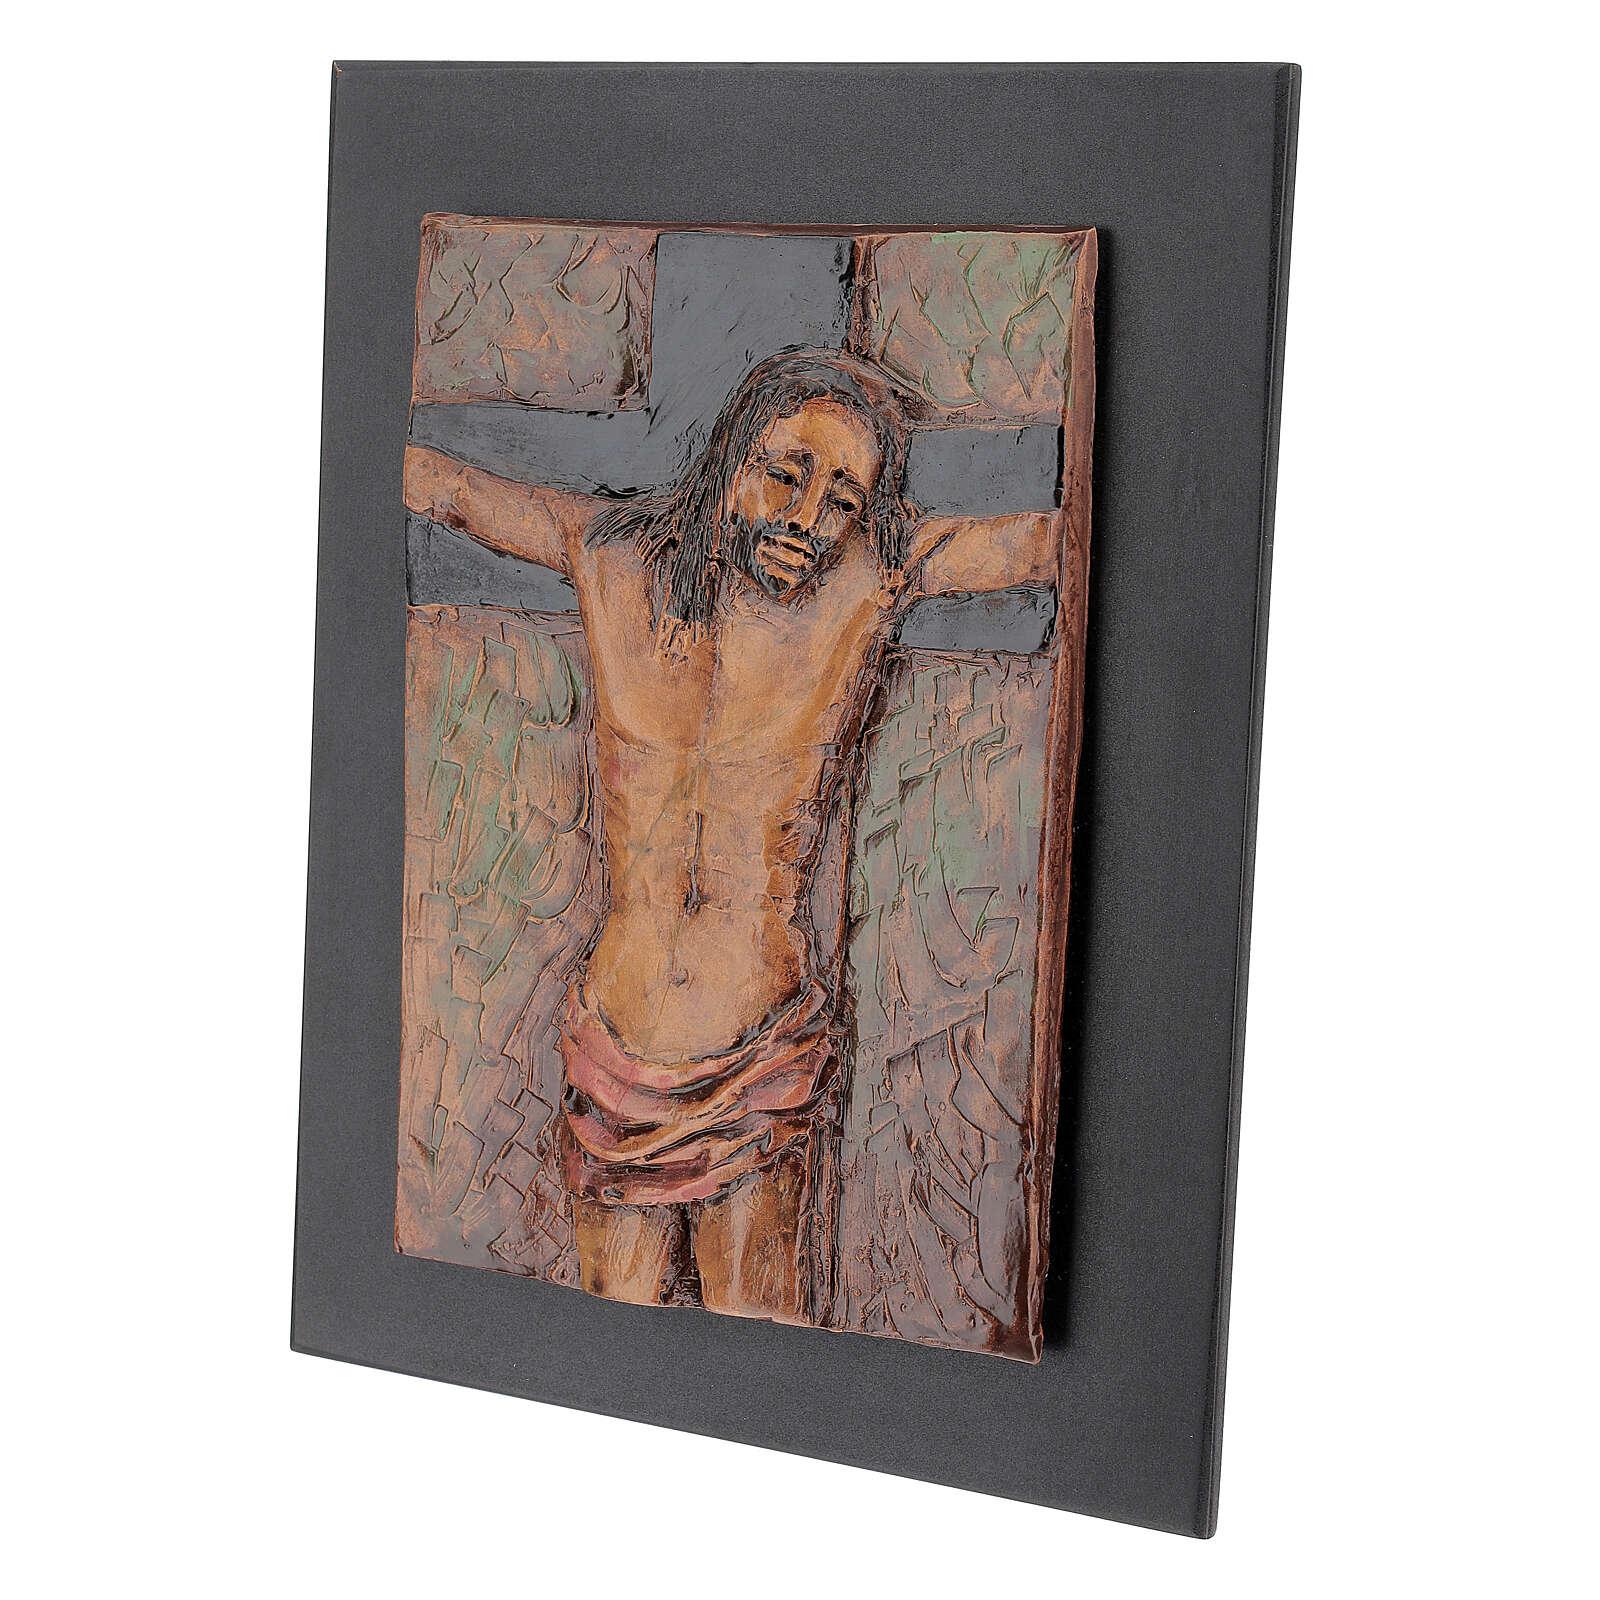 STOCK Gesù Crocifisso quadro in maiolica 35x25 cm 3